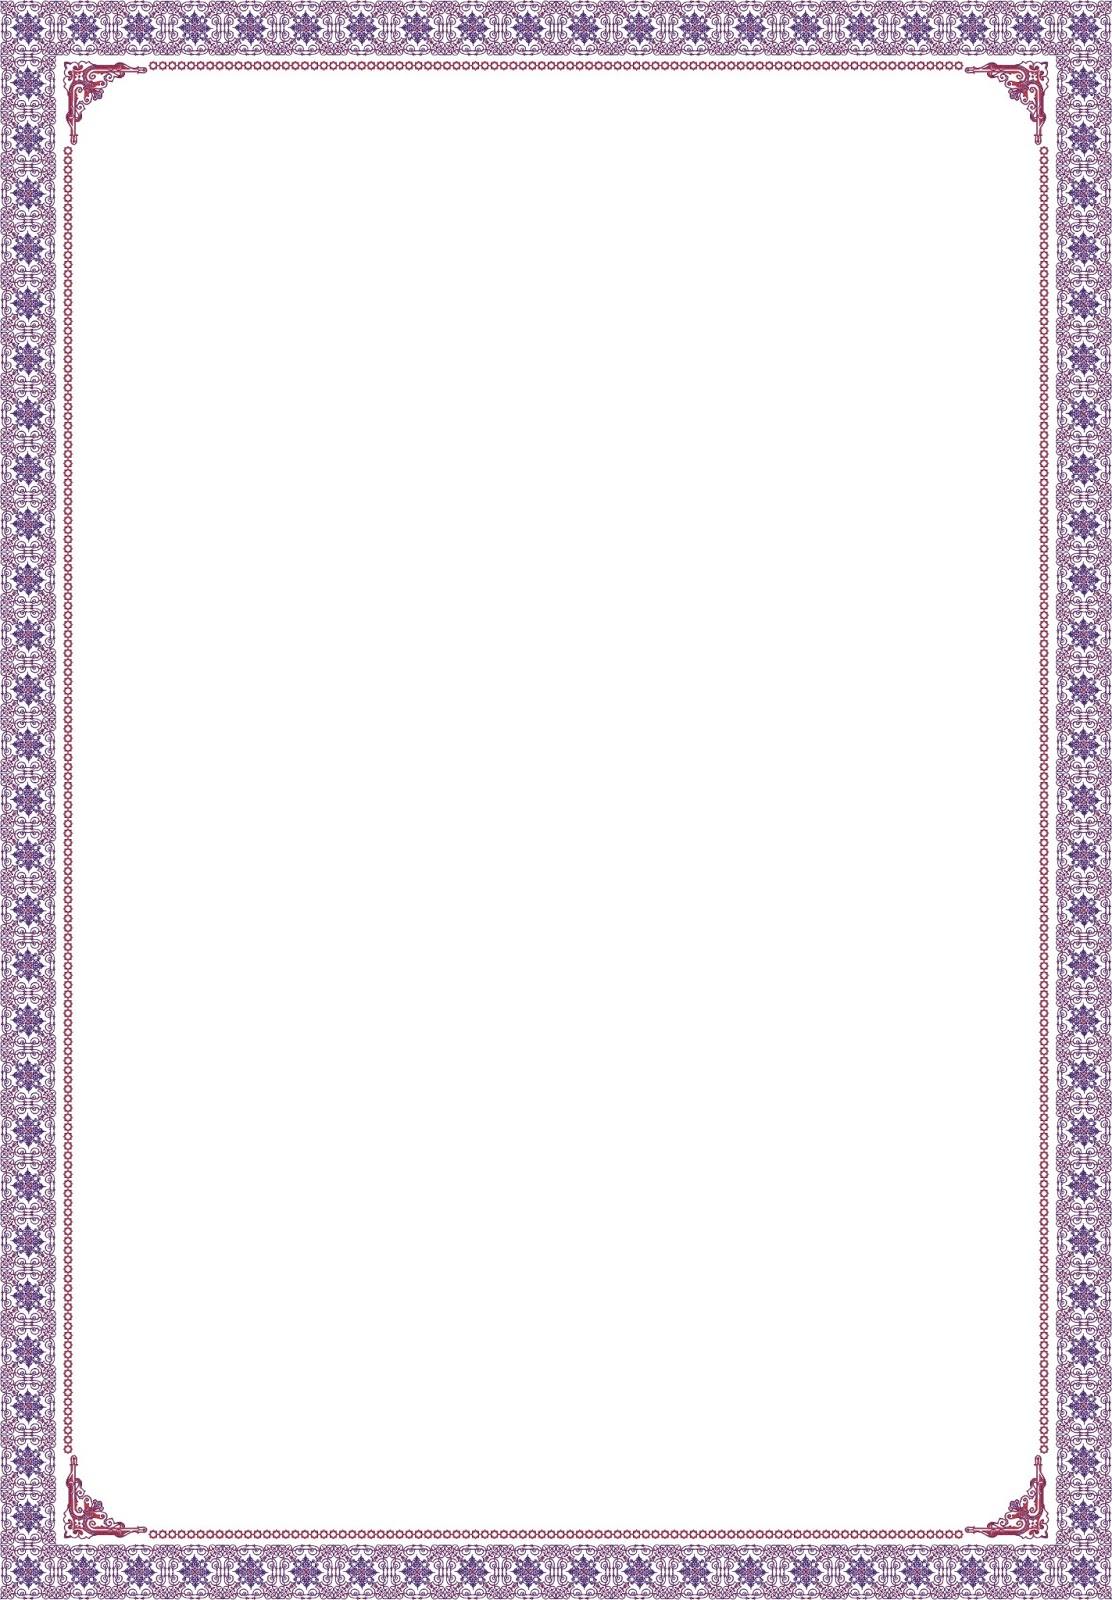 Bingkai kali ini hadir dalam tiga paduan warna garis dan isi dengan ...